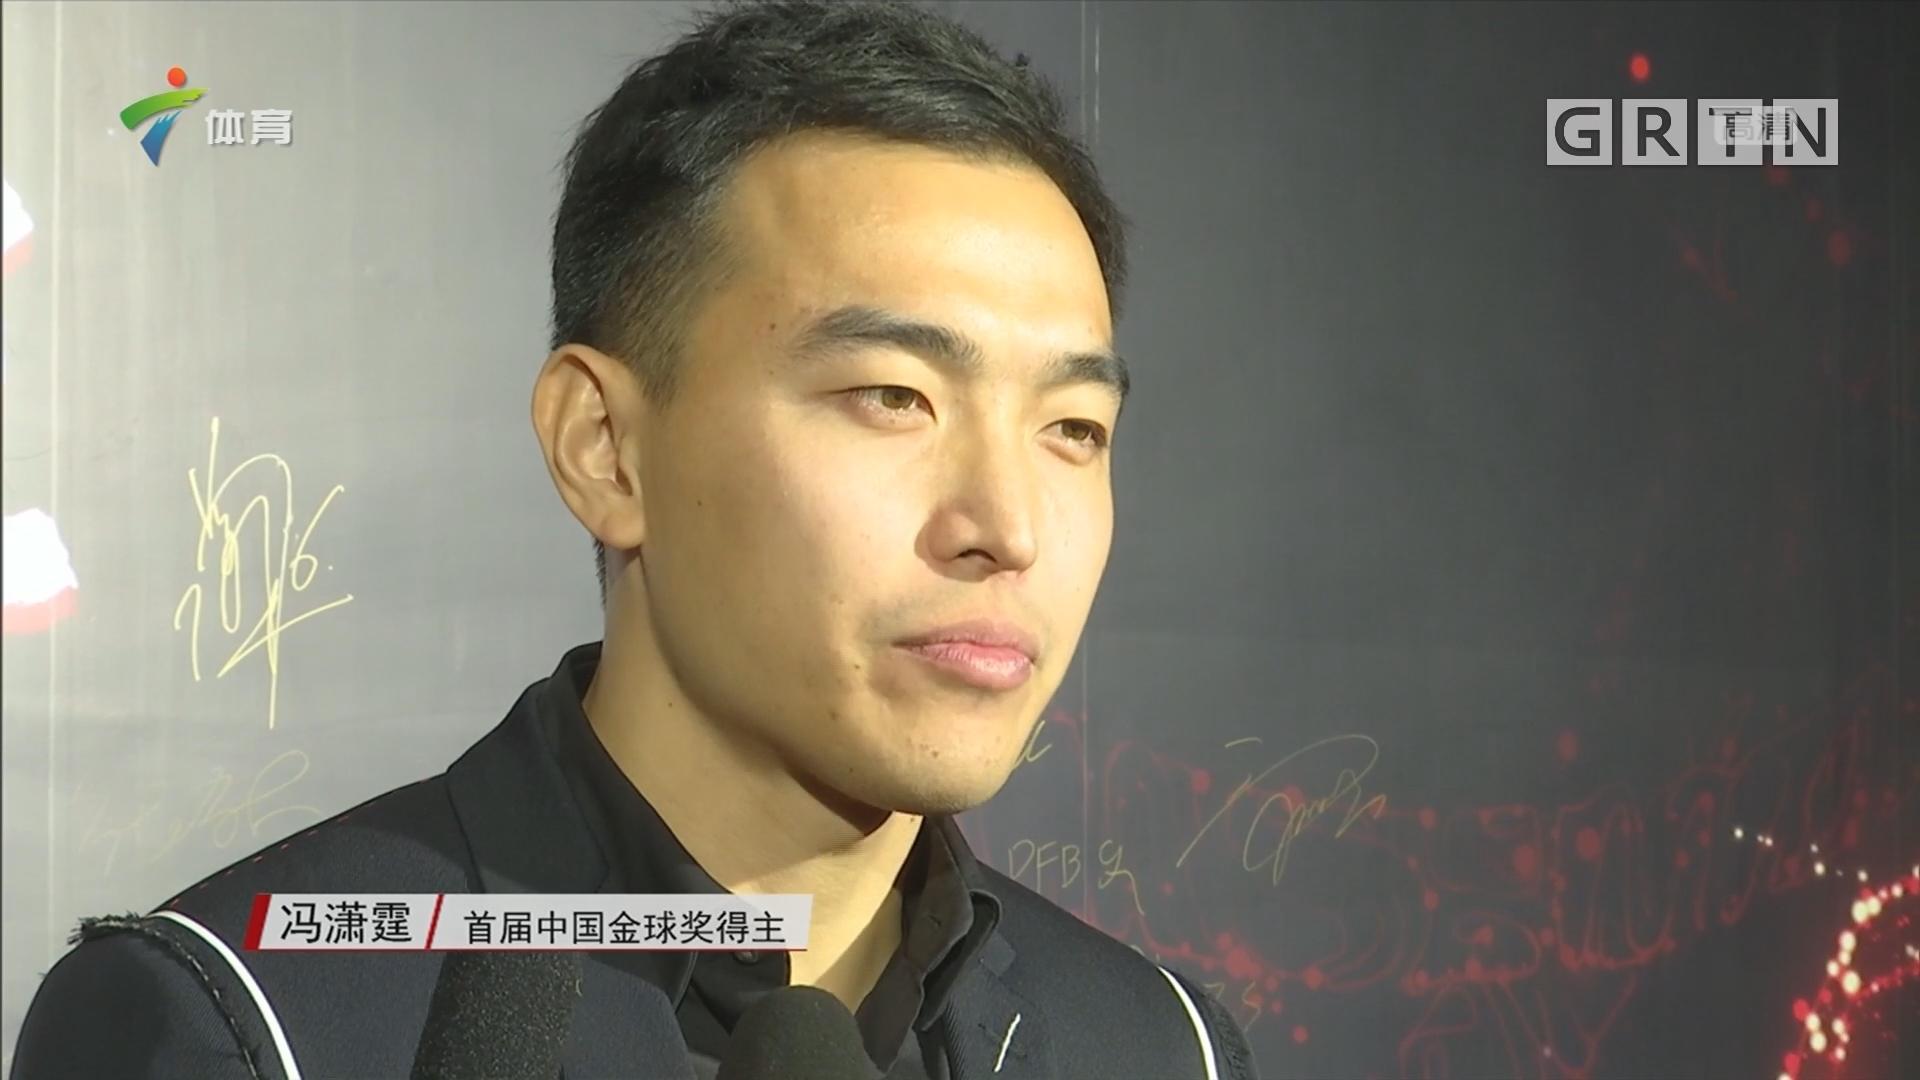 冯潇霆荣膺首届中国金球奖